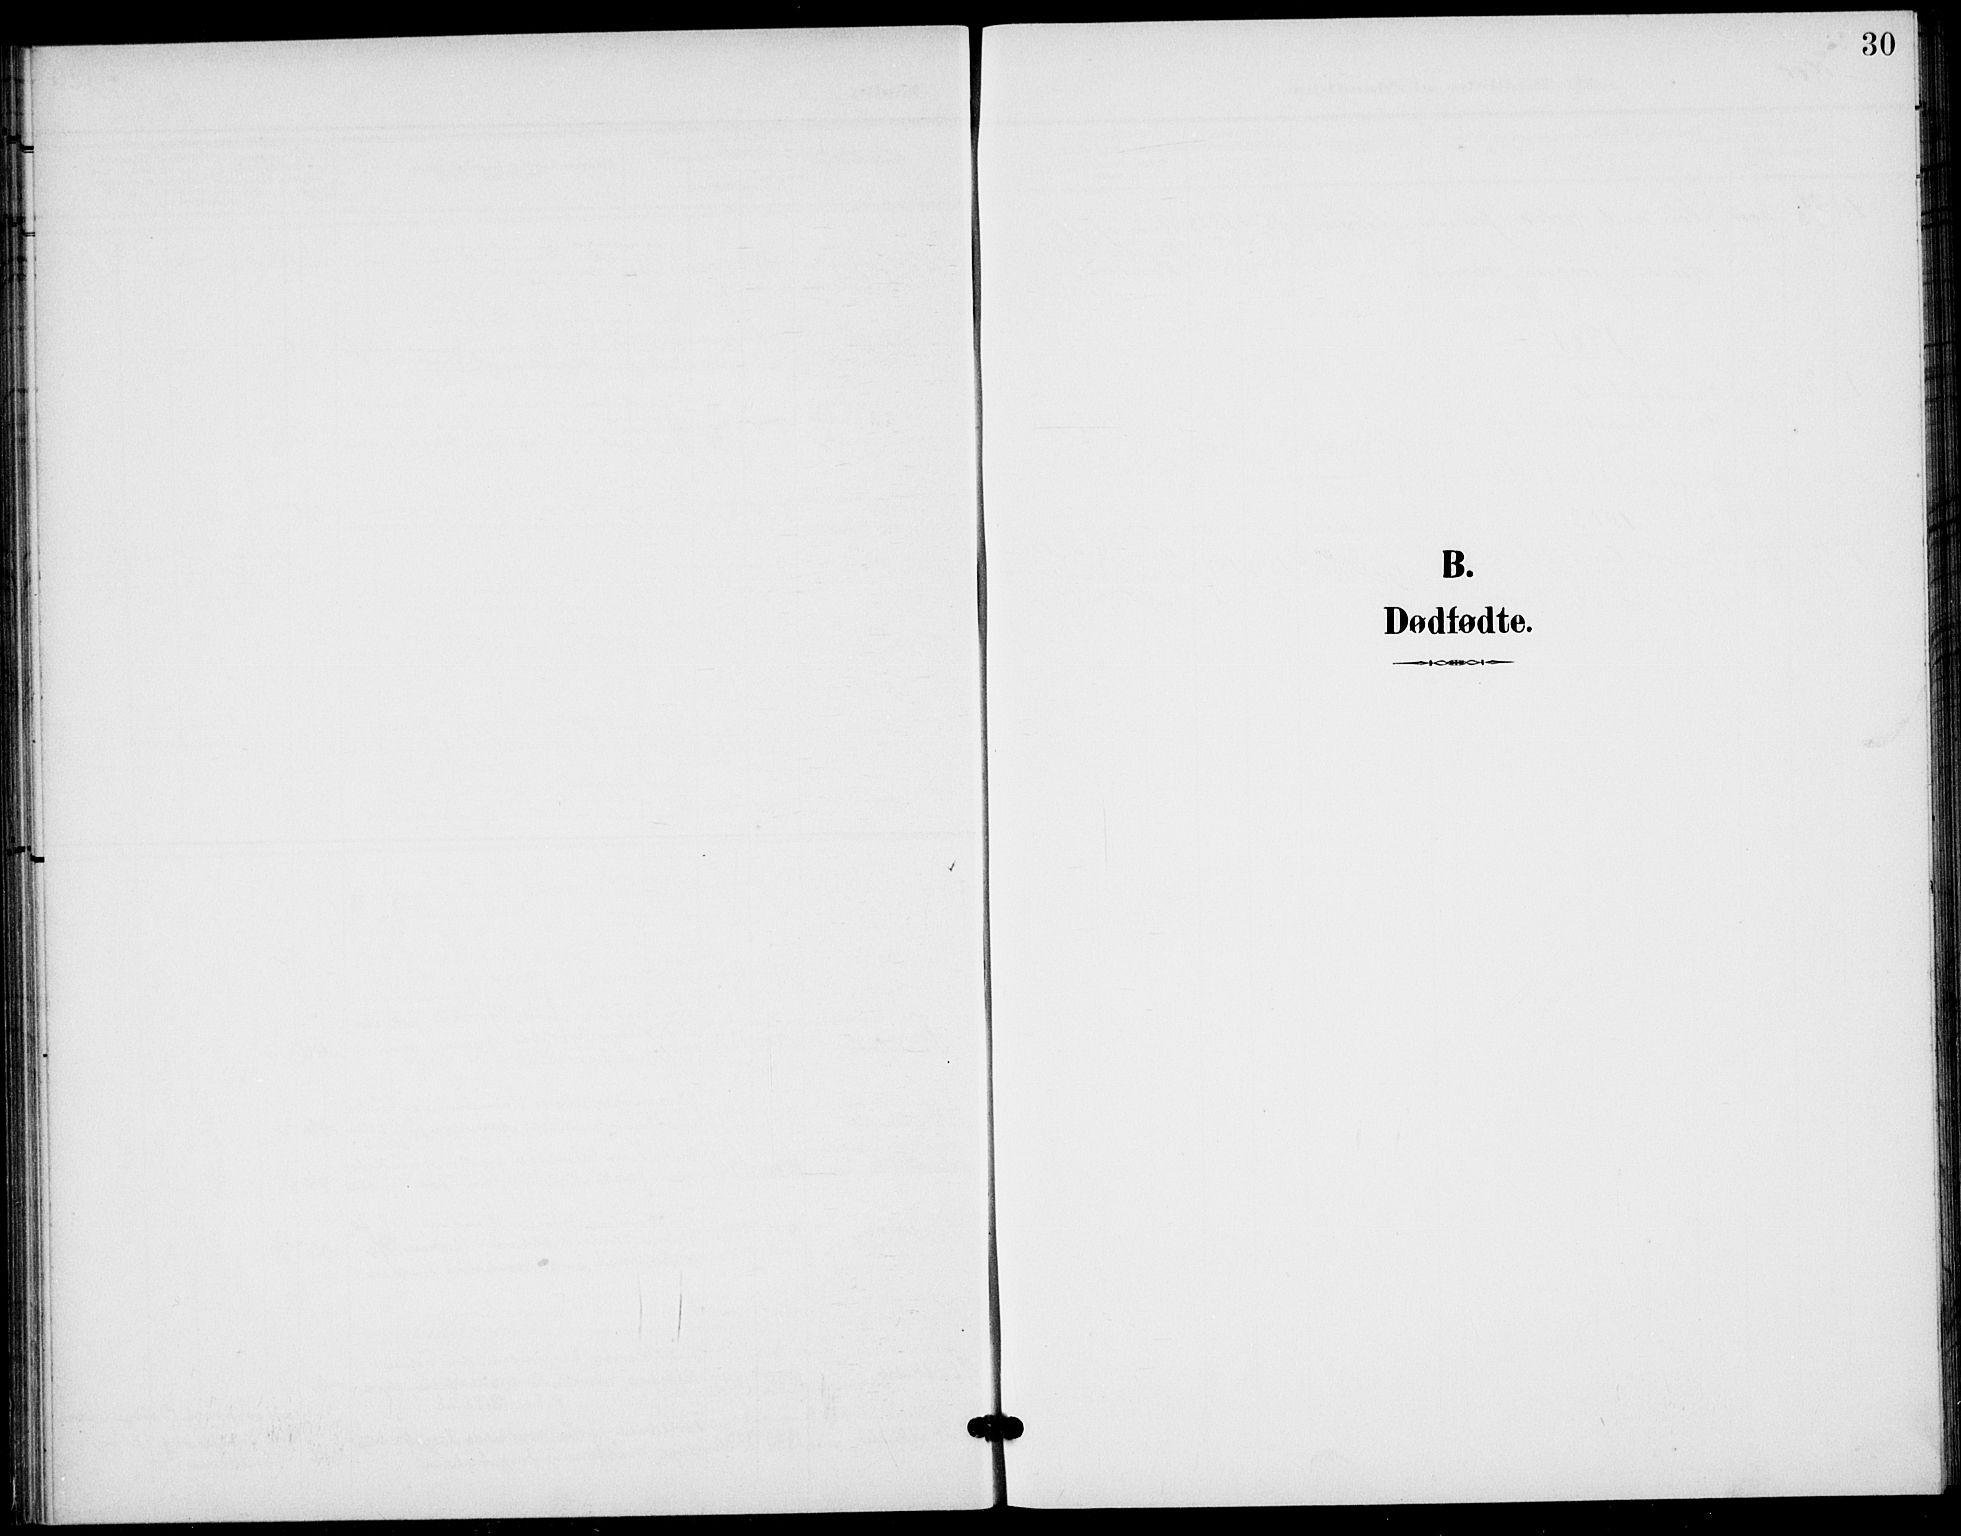 SAKO, Bamble kirkebøker, G/Gb/L0002: Klokkerbok nr. II 2, 1900-1925, s. 30